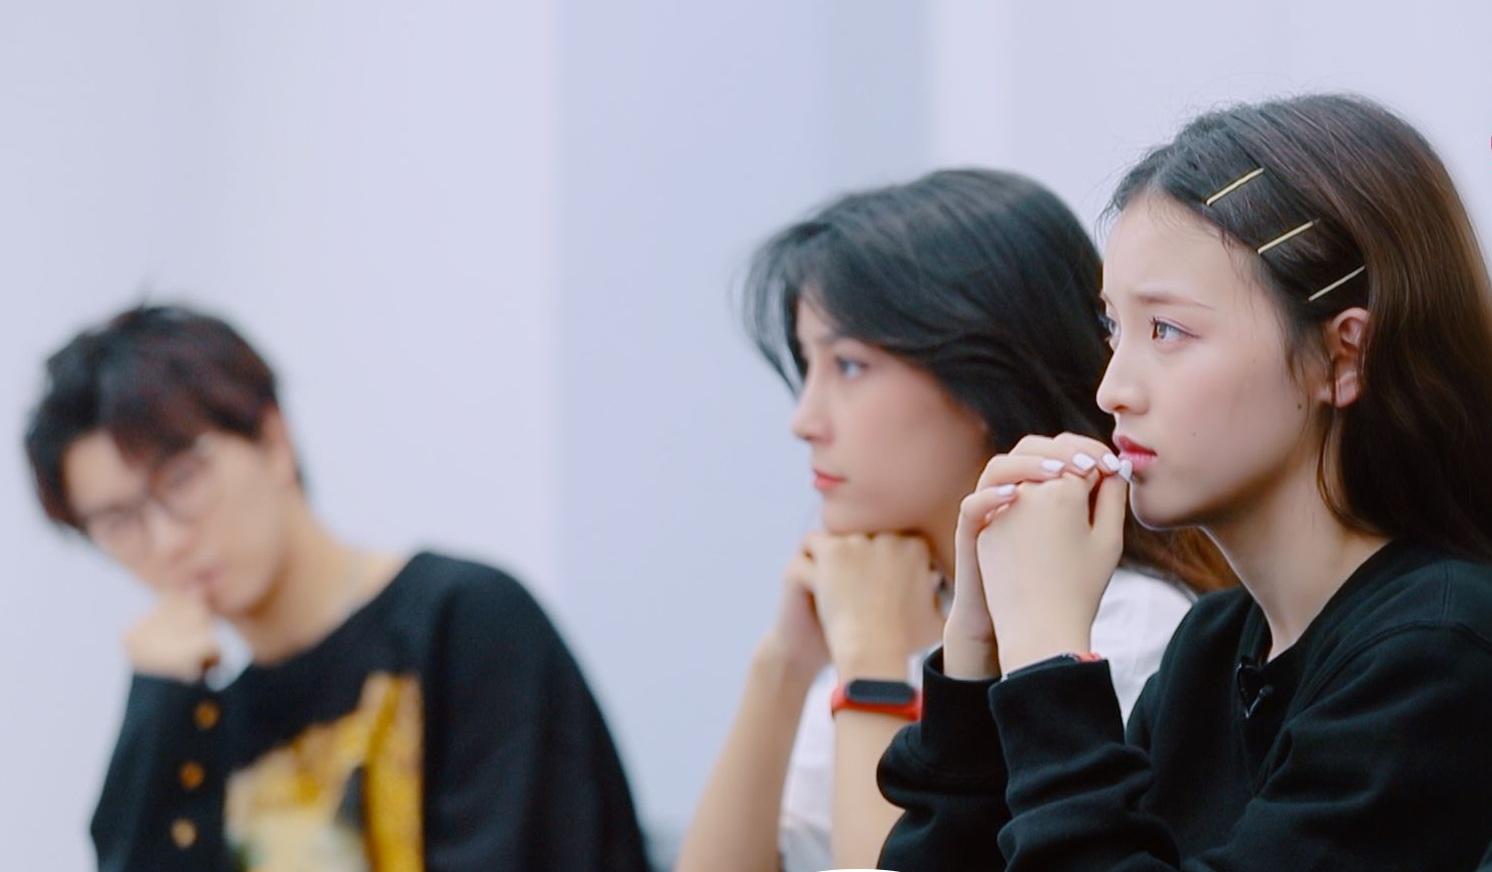 《出发吧》陆思恒代教模拟面试 女团矛盾进一步激化